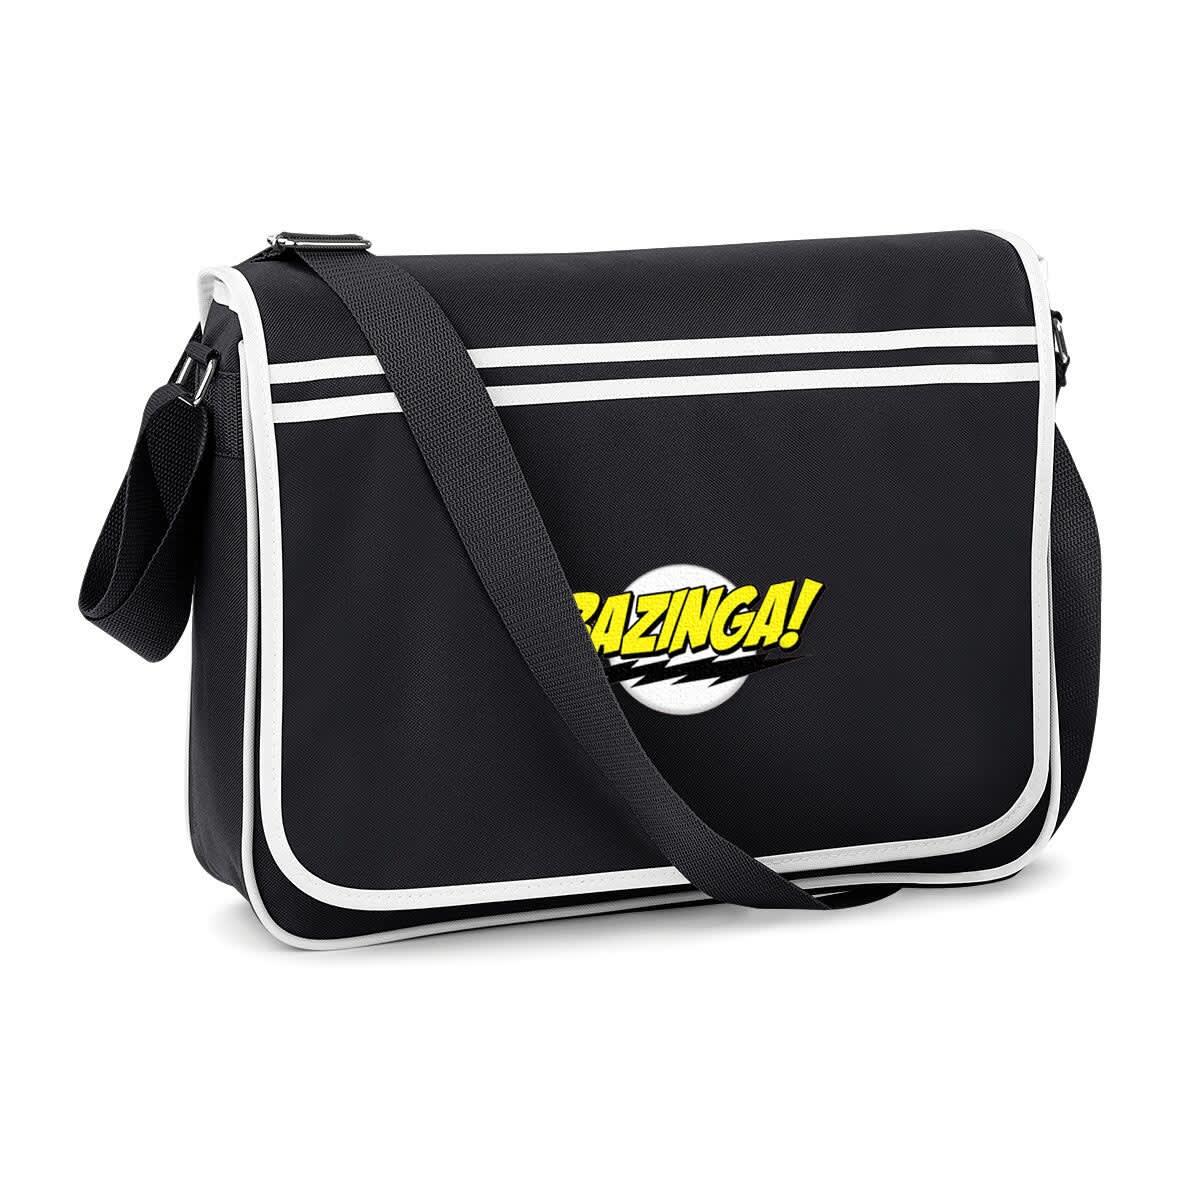 Bazinga Messenger Bag